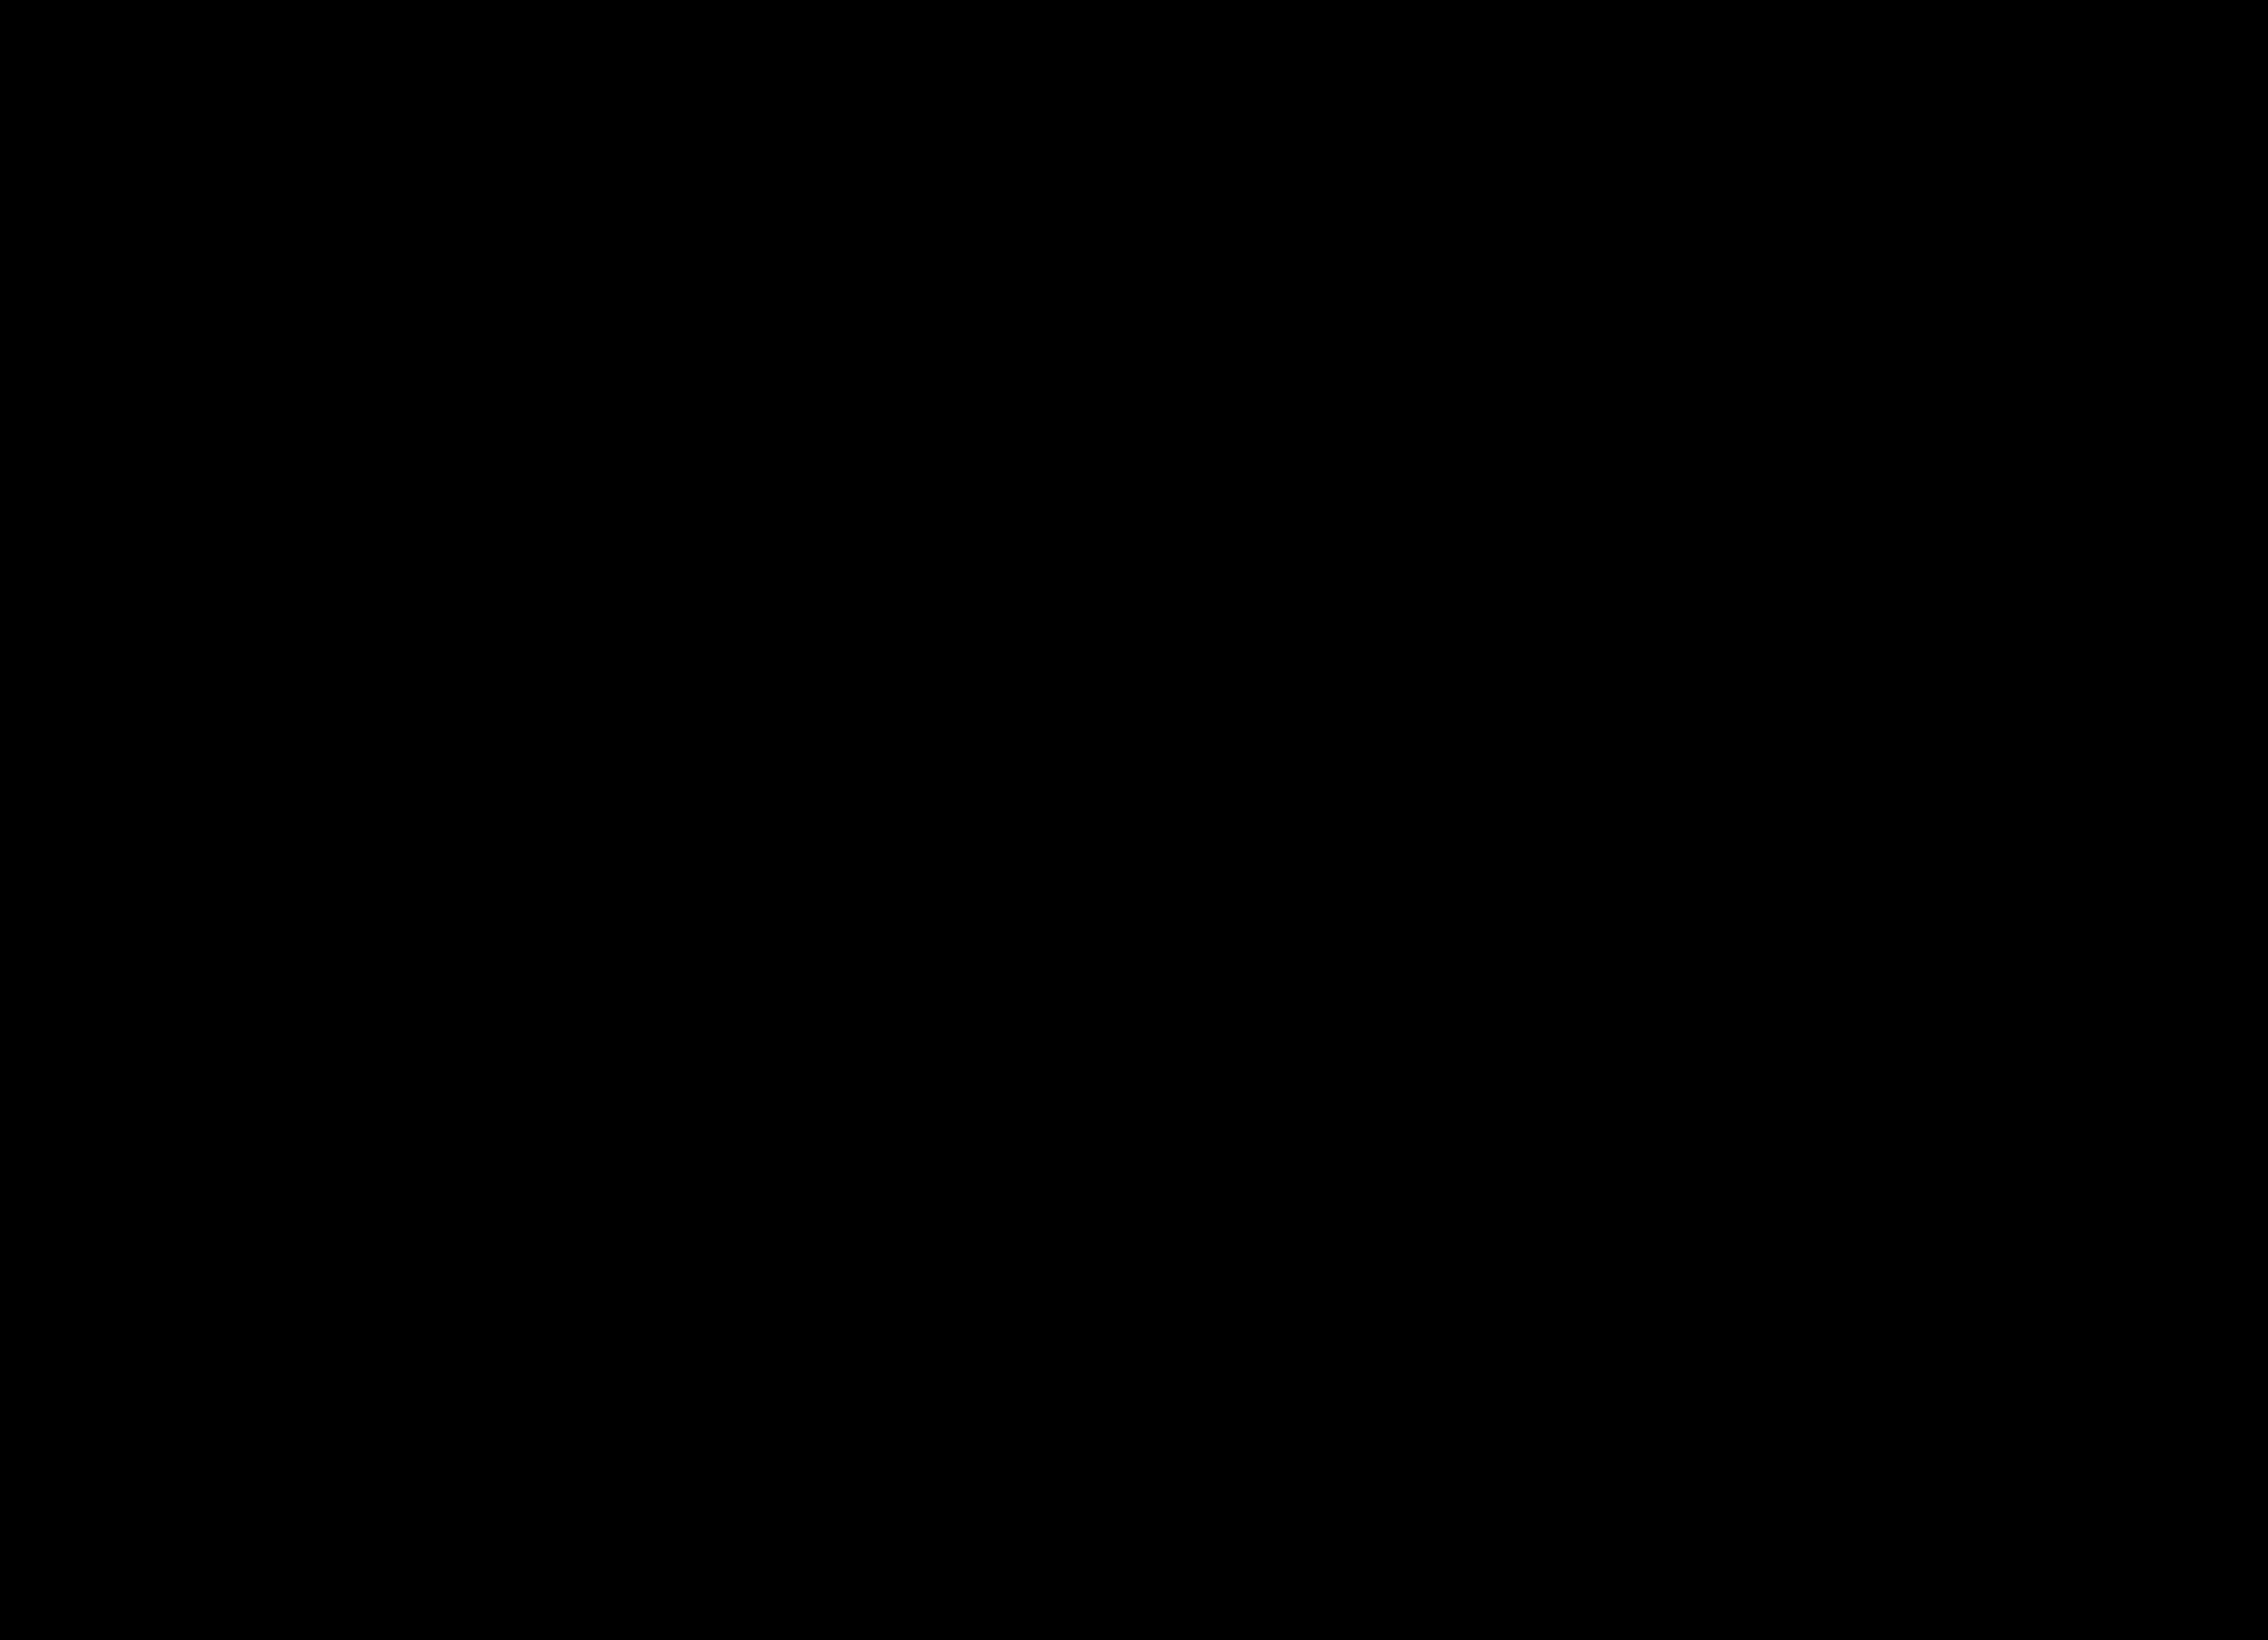 50% sind geschafft! – Spendenkampagne für einen Umsonstladen für die Postsiedlung und Darmstadt